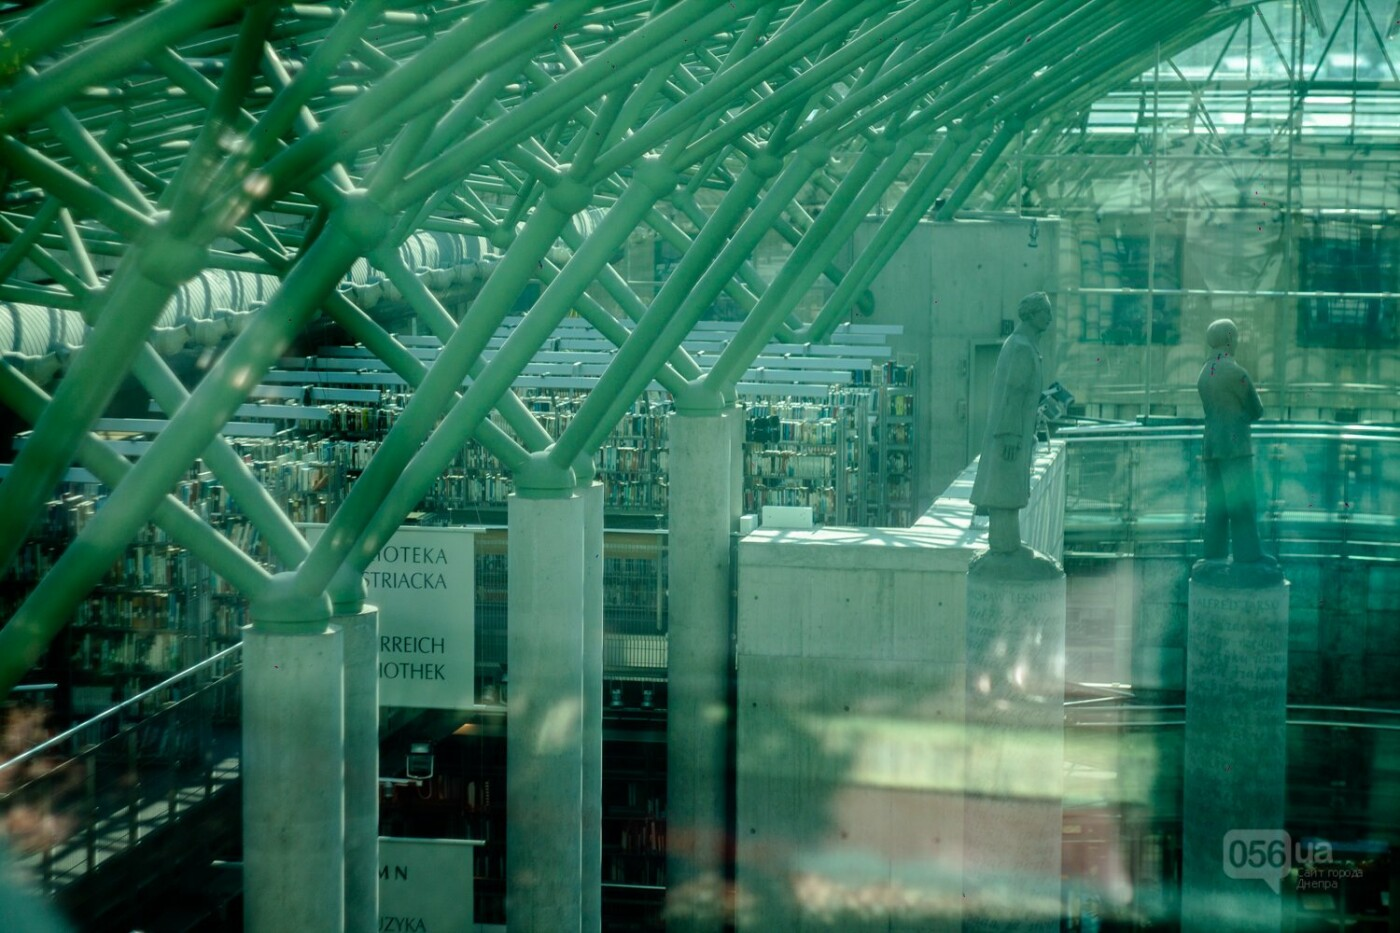 Волшебный Старый город, огромный зоопарк и сад на крыше: где жить, что есть и куда ходить в Варшаве, - ФОТО, фото-39